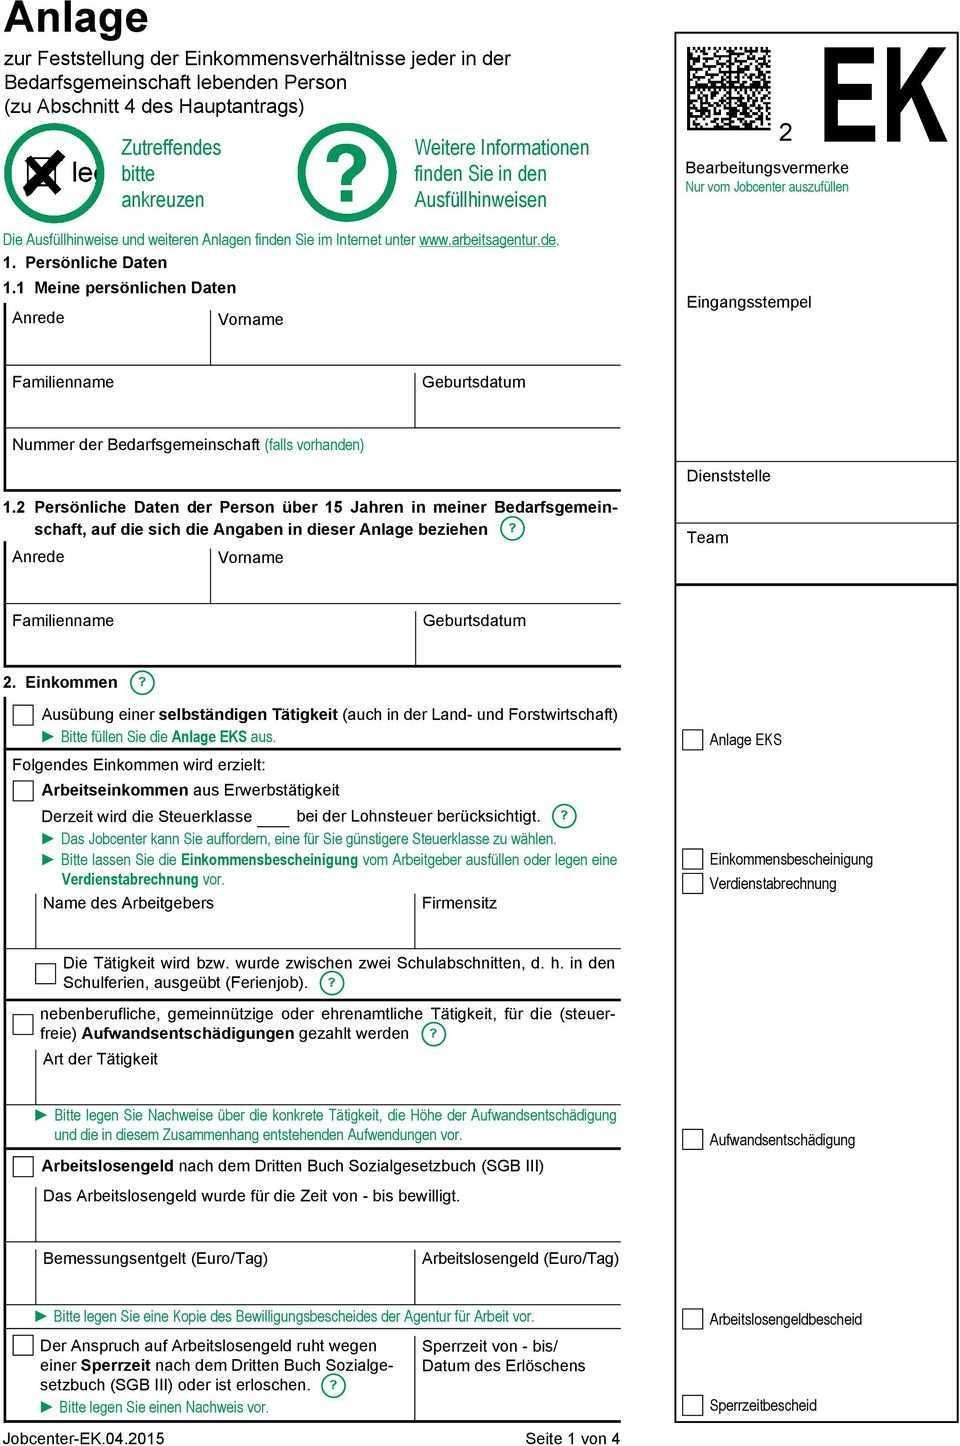 Arbeitslosengeld Ii Senden Sie Den Antrag Einfach Per Post An Benotigen Sie Hilfestellung Einen Antragsnachweis Jobcenter Rhein Neckar Kreis Pdf Kostenfreier Download